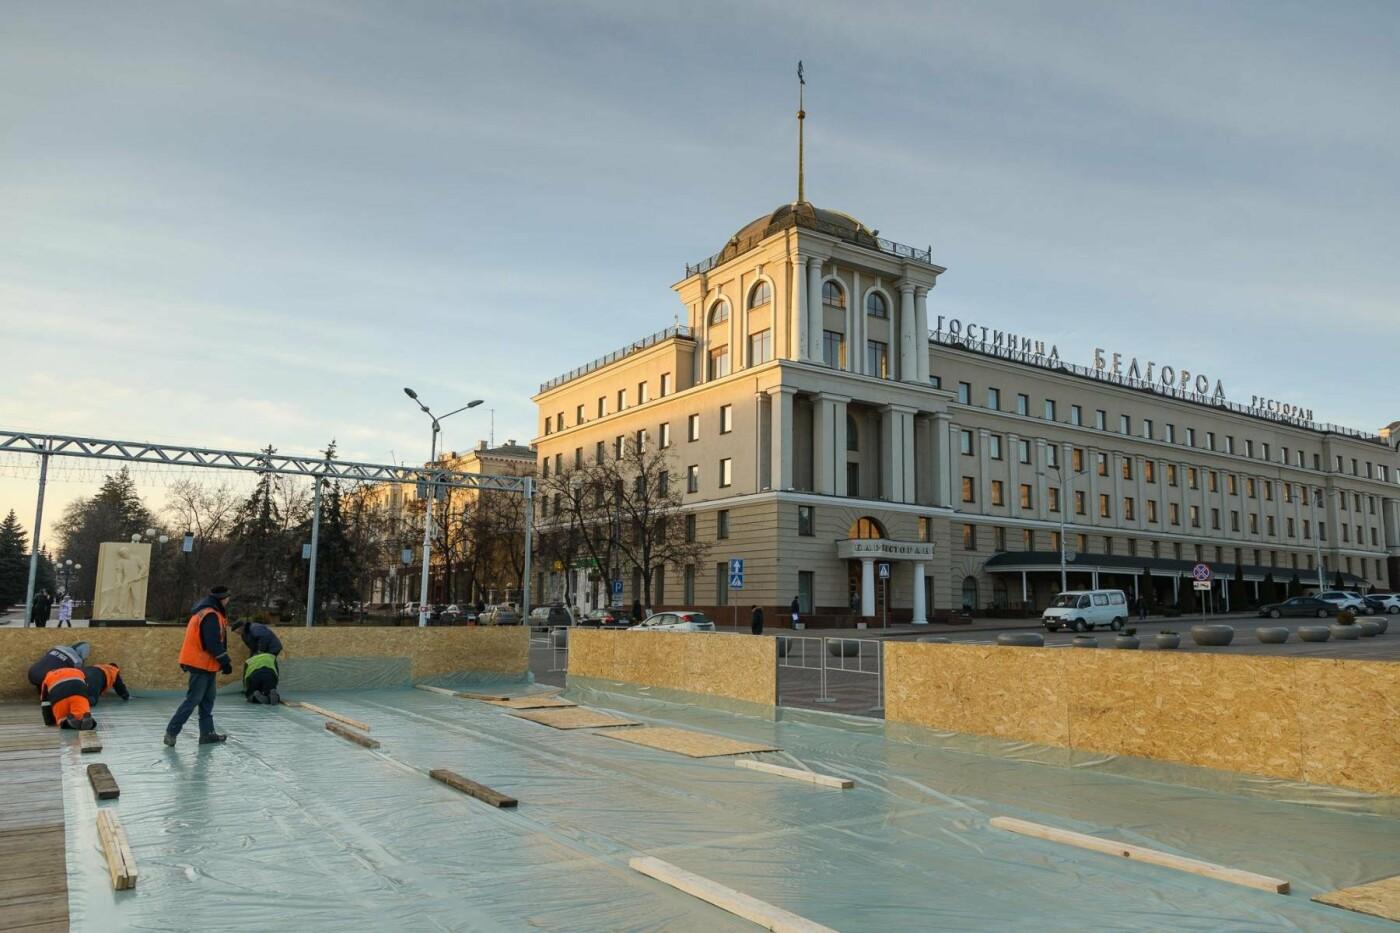 В соцсетях сообщили об установке ёлки на площади, но рабочие всё разобрали. Почему?, фото-13